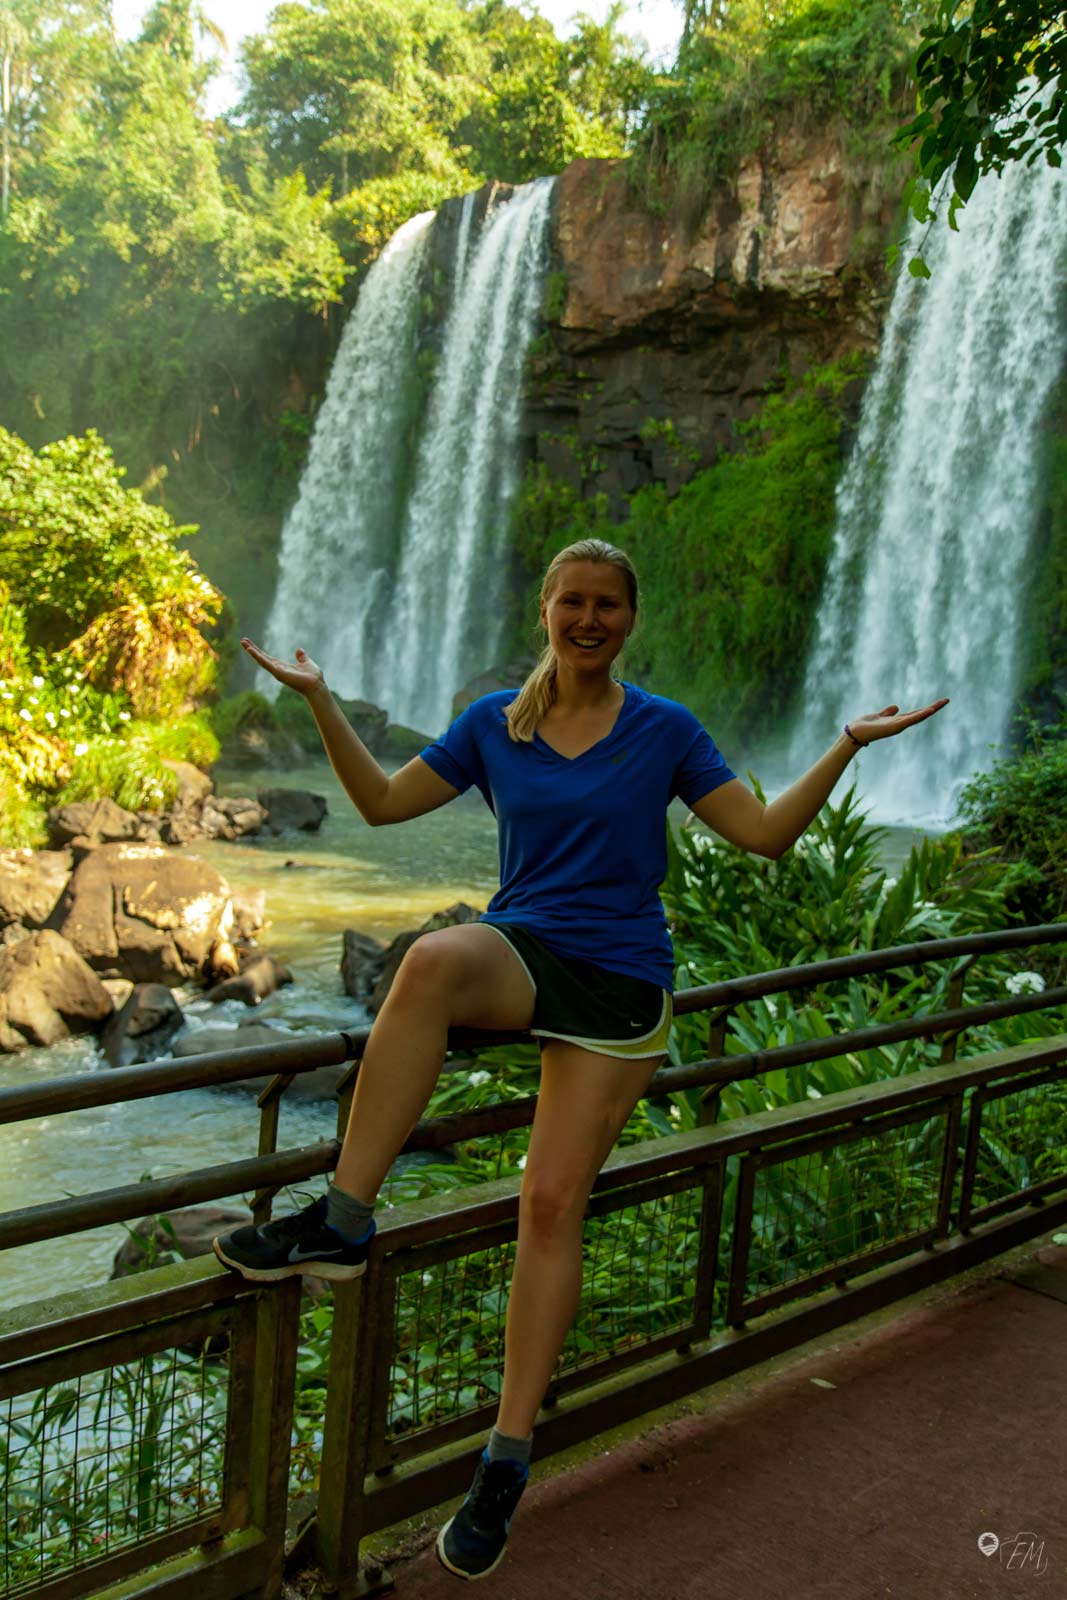 Nicht nur die größeren Wasserfälle kommen auf der argentinischen Seite zur Geltung. Auch die Kleinen haben ihren Charme!